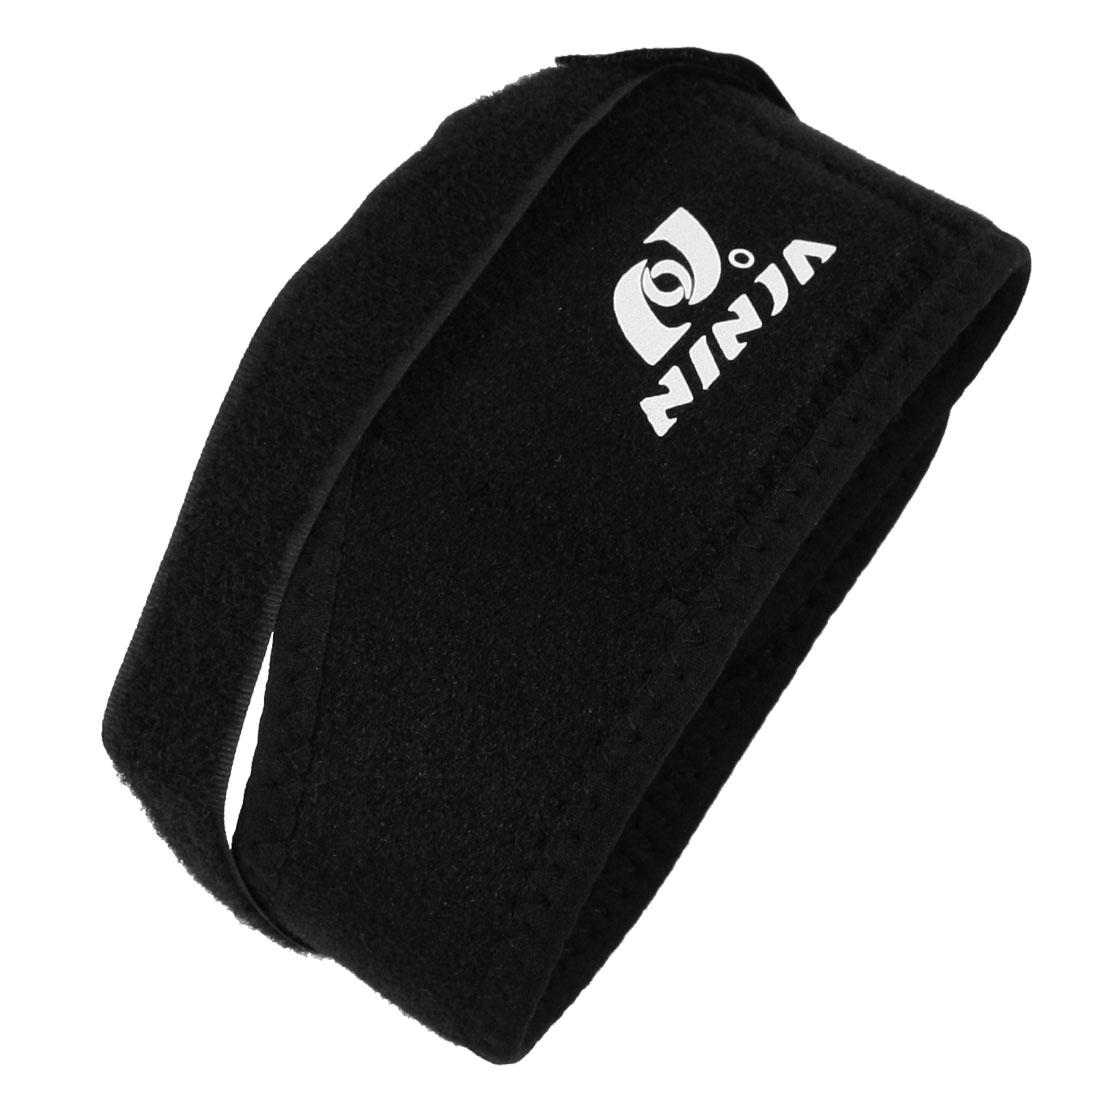 Gym Hoop Loop Fastener Black Adjustable Knee Support Protector Band